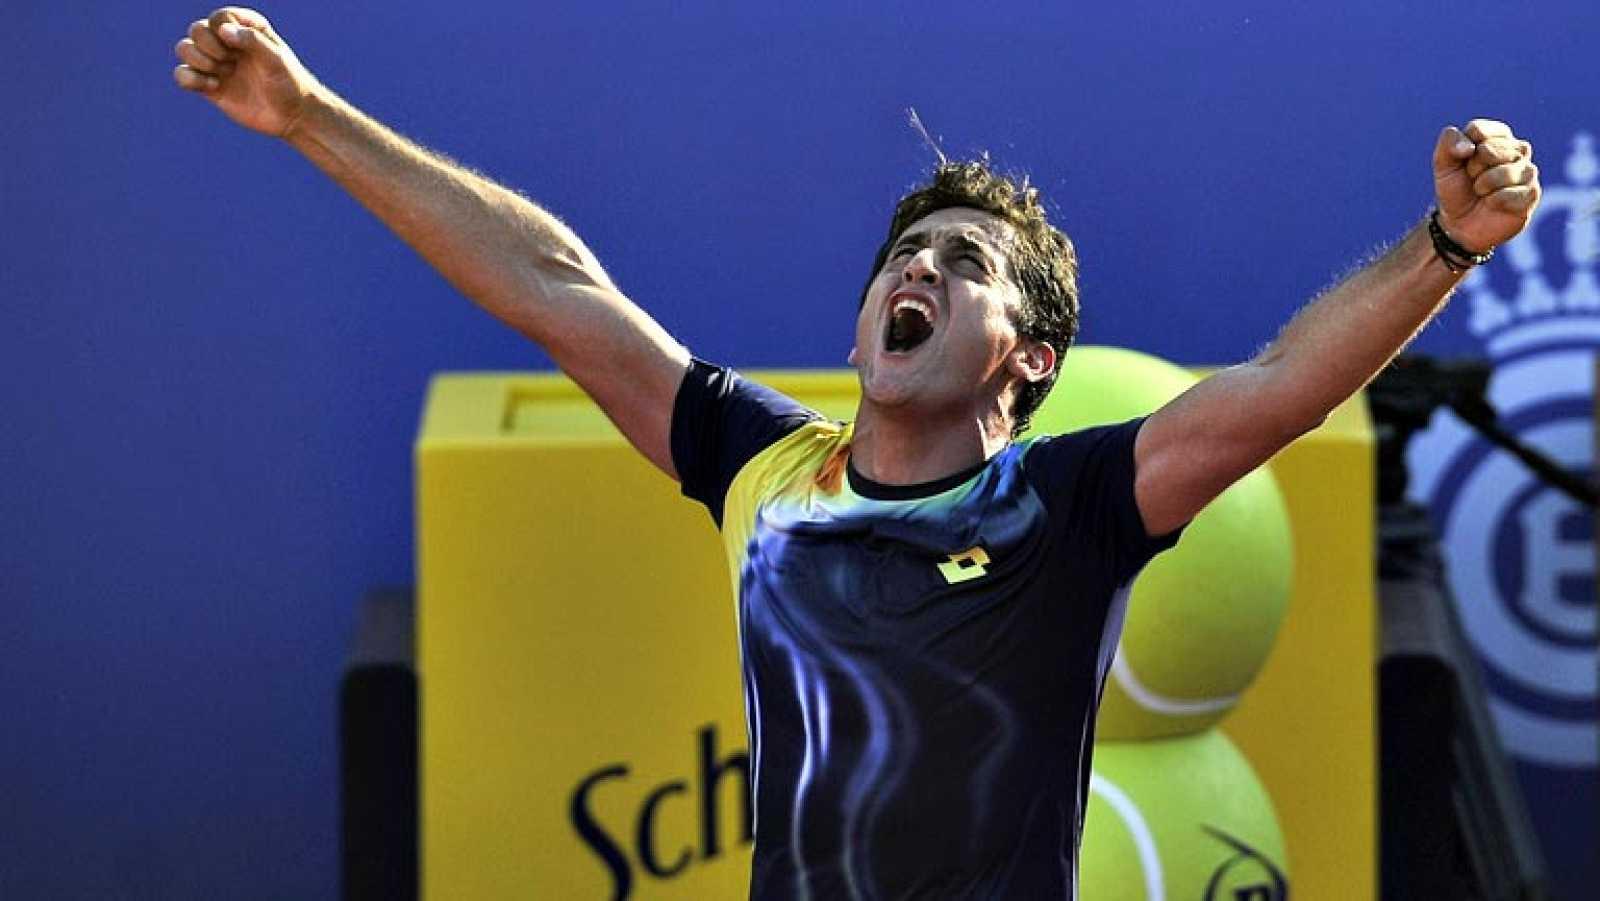 El tenista español Nicolás Almagro ha ganado este viernes a su  compatriota y número 1 actual del ranking ATP Rafa Nadal (2-6, 7-6 y  6-4) en los cuartos de final del Barcelona Open Banc Sabadell-62¿  Trofeo Conde de Godó, con lo que se ha tomado la